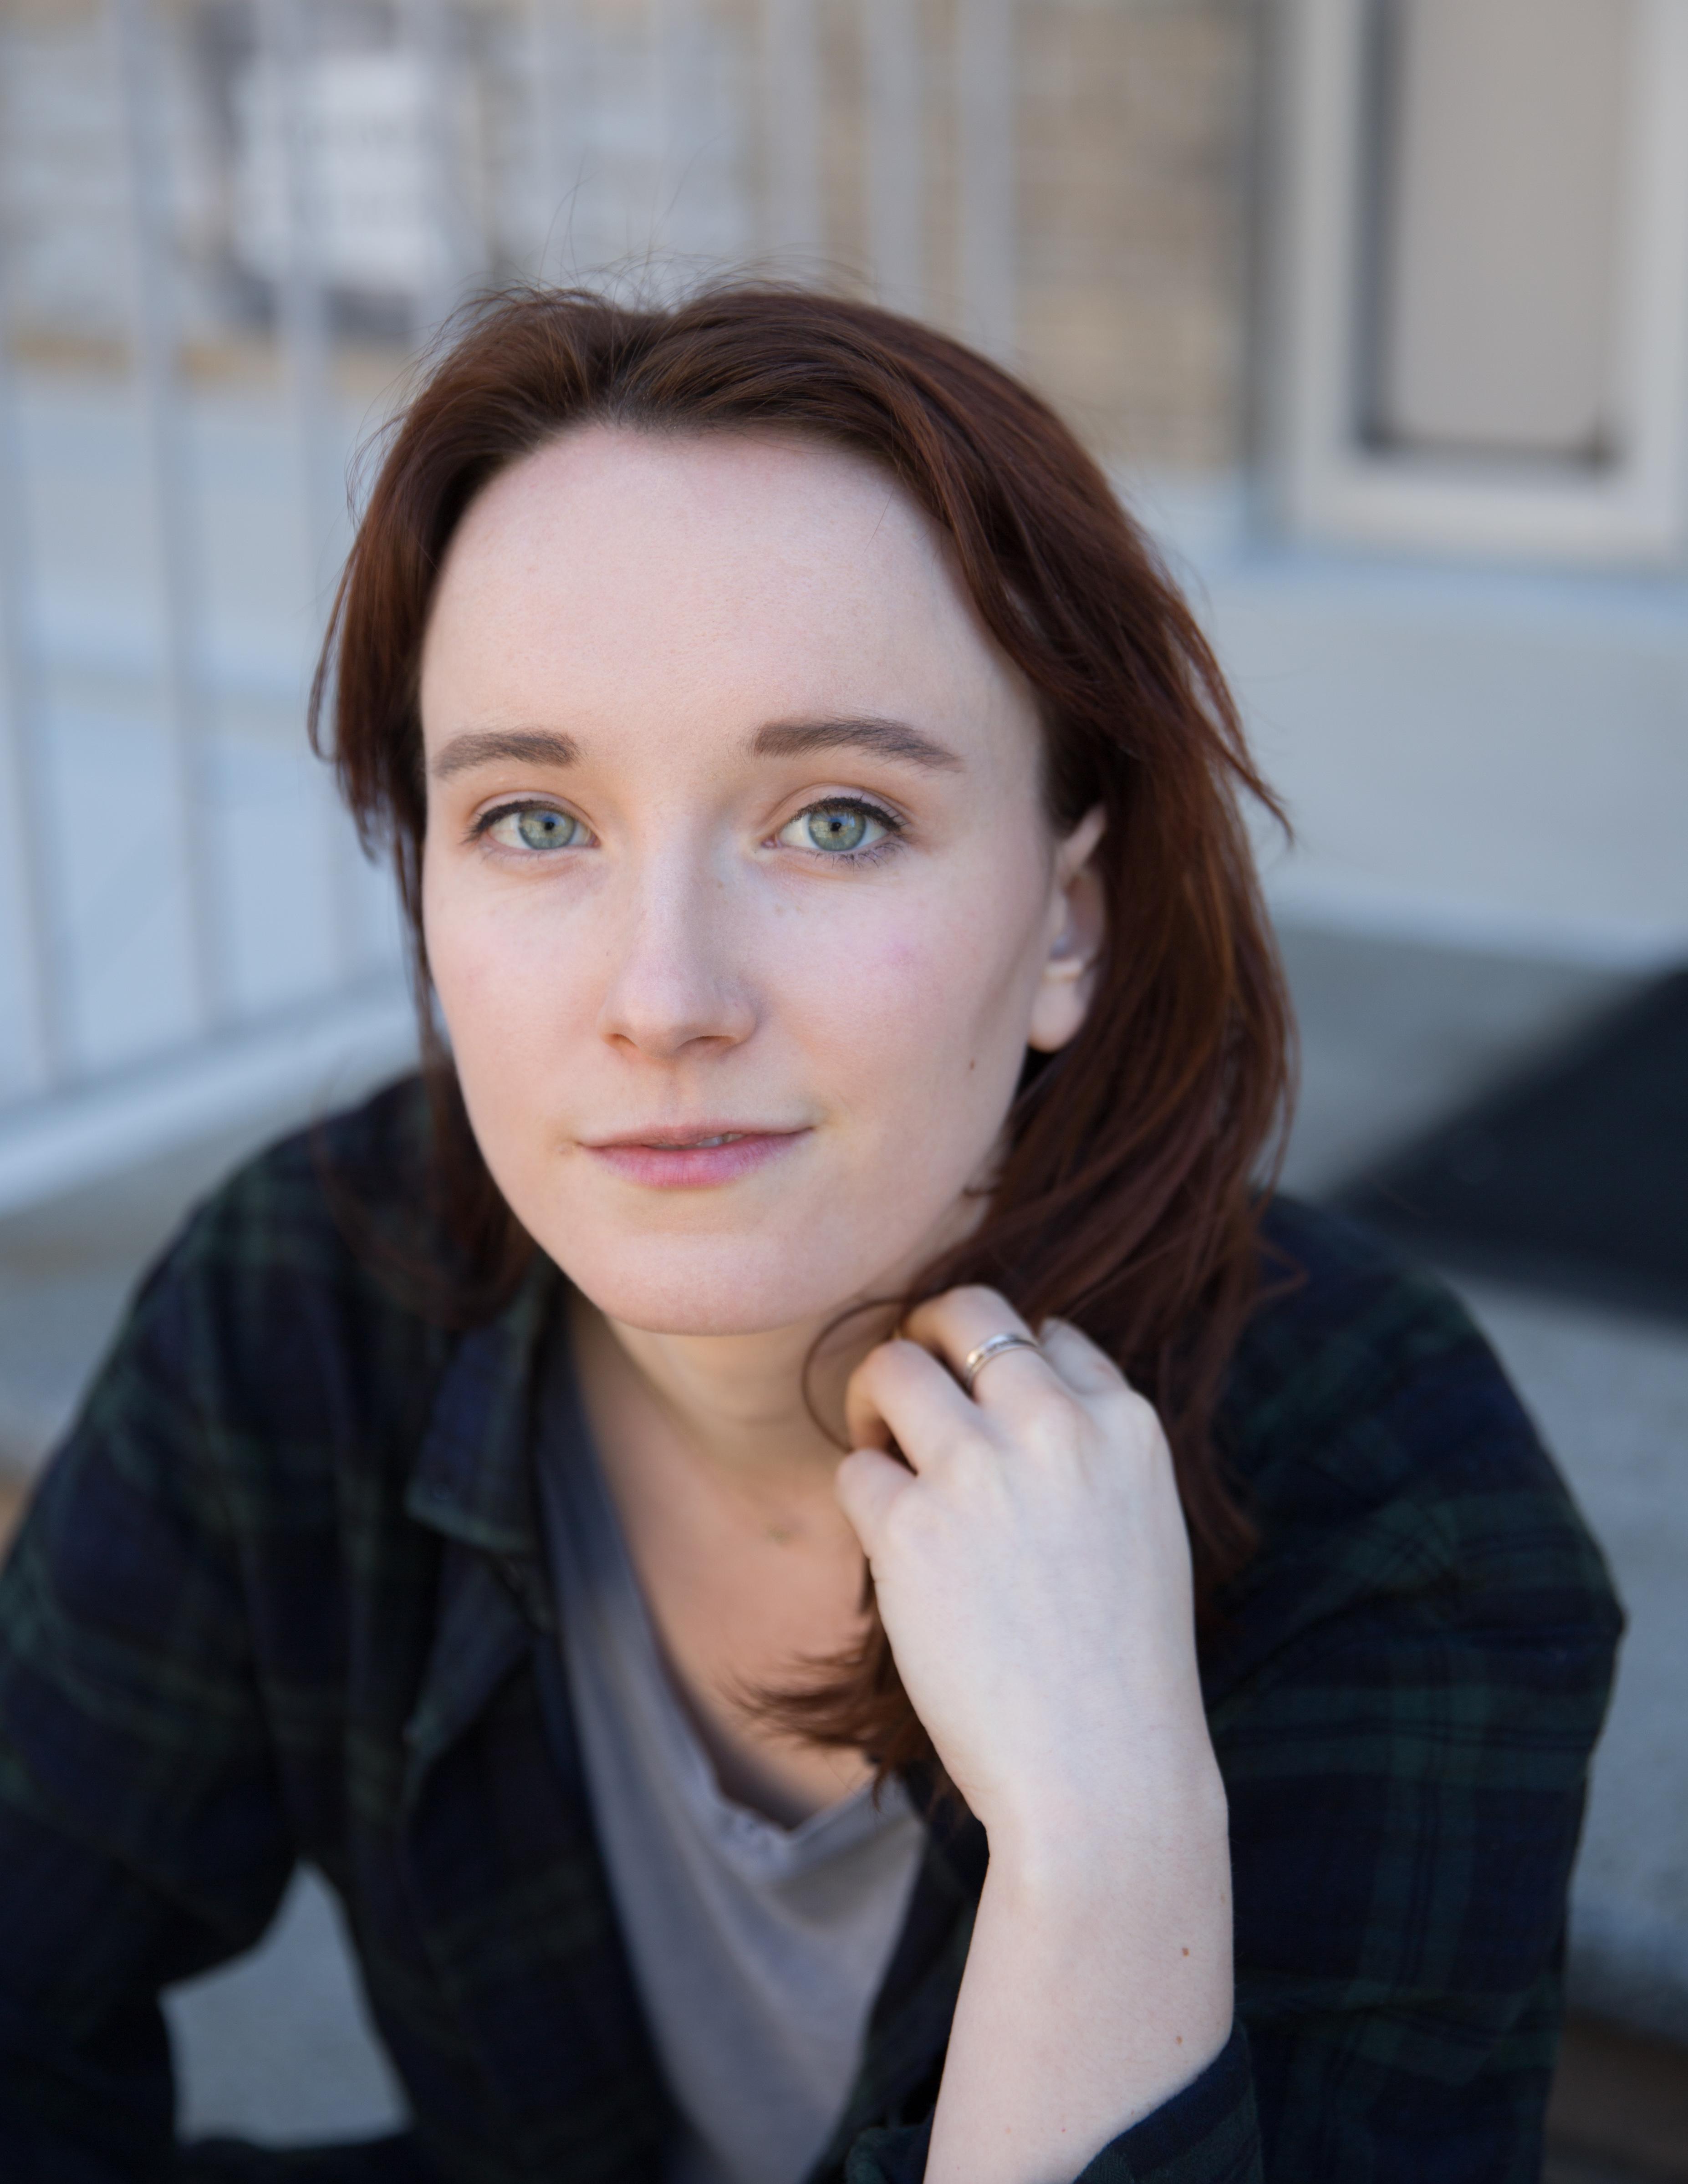 Erin Noll